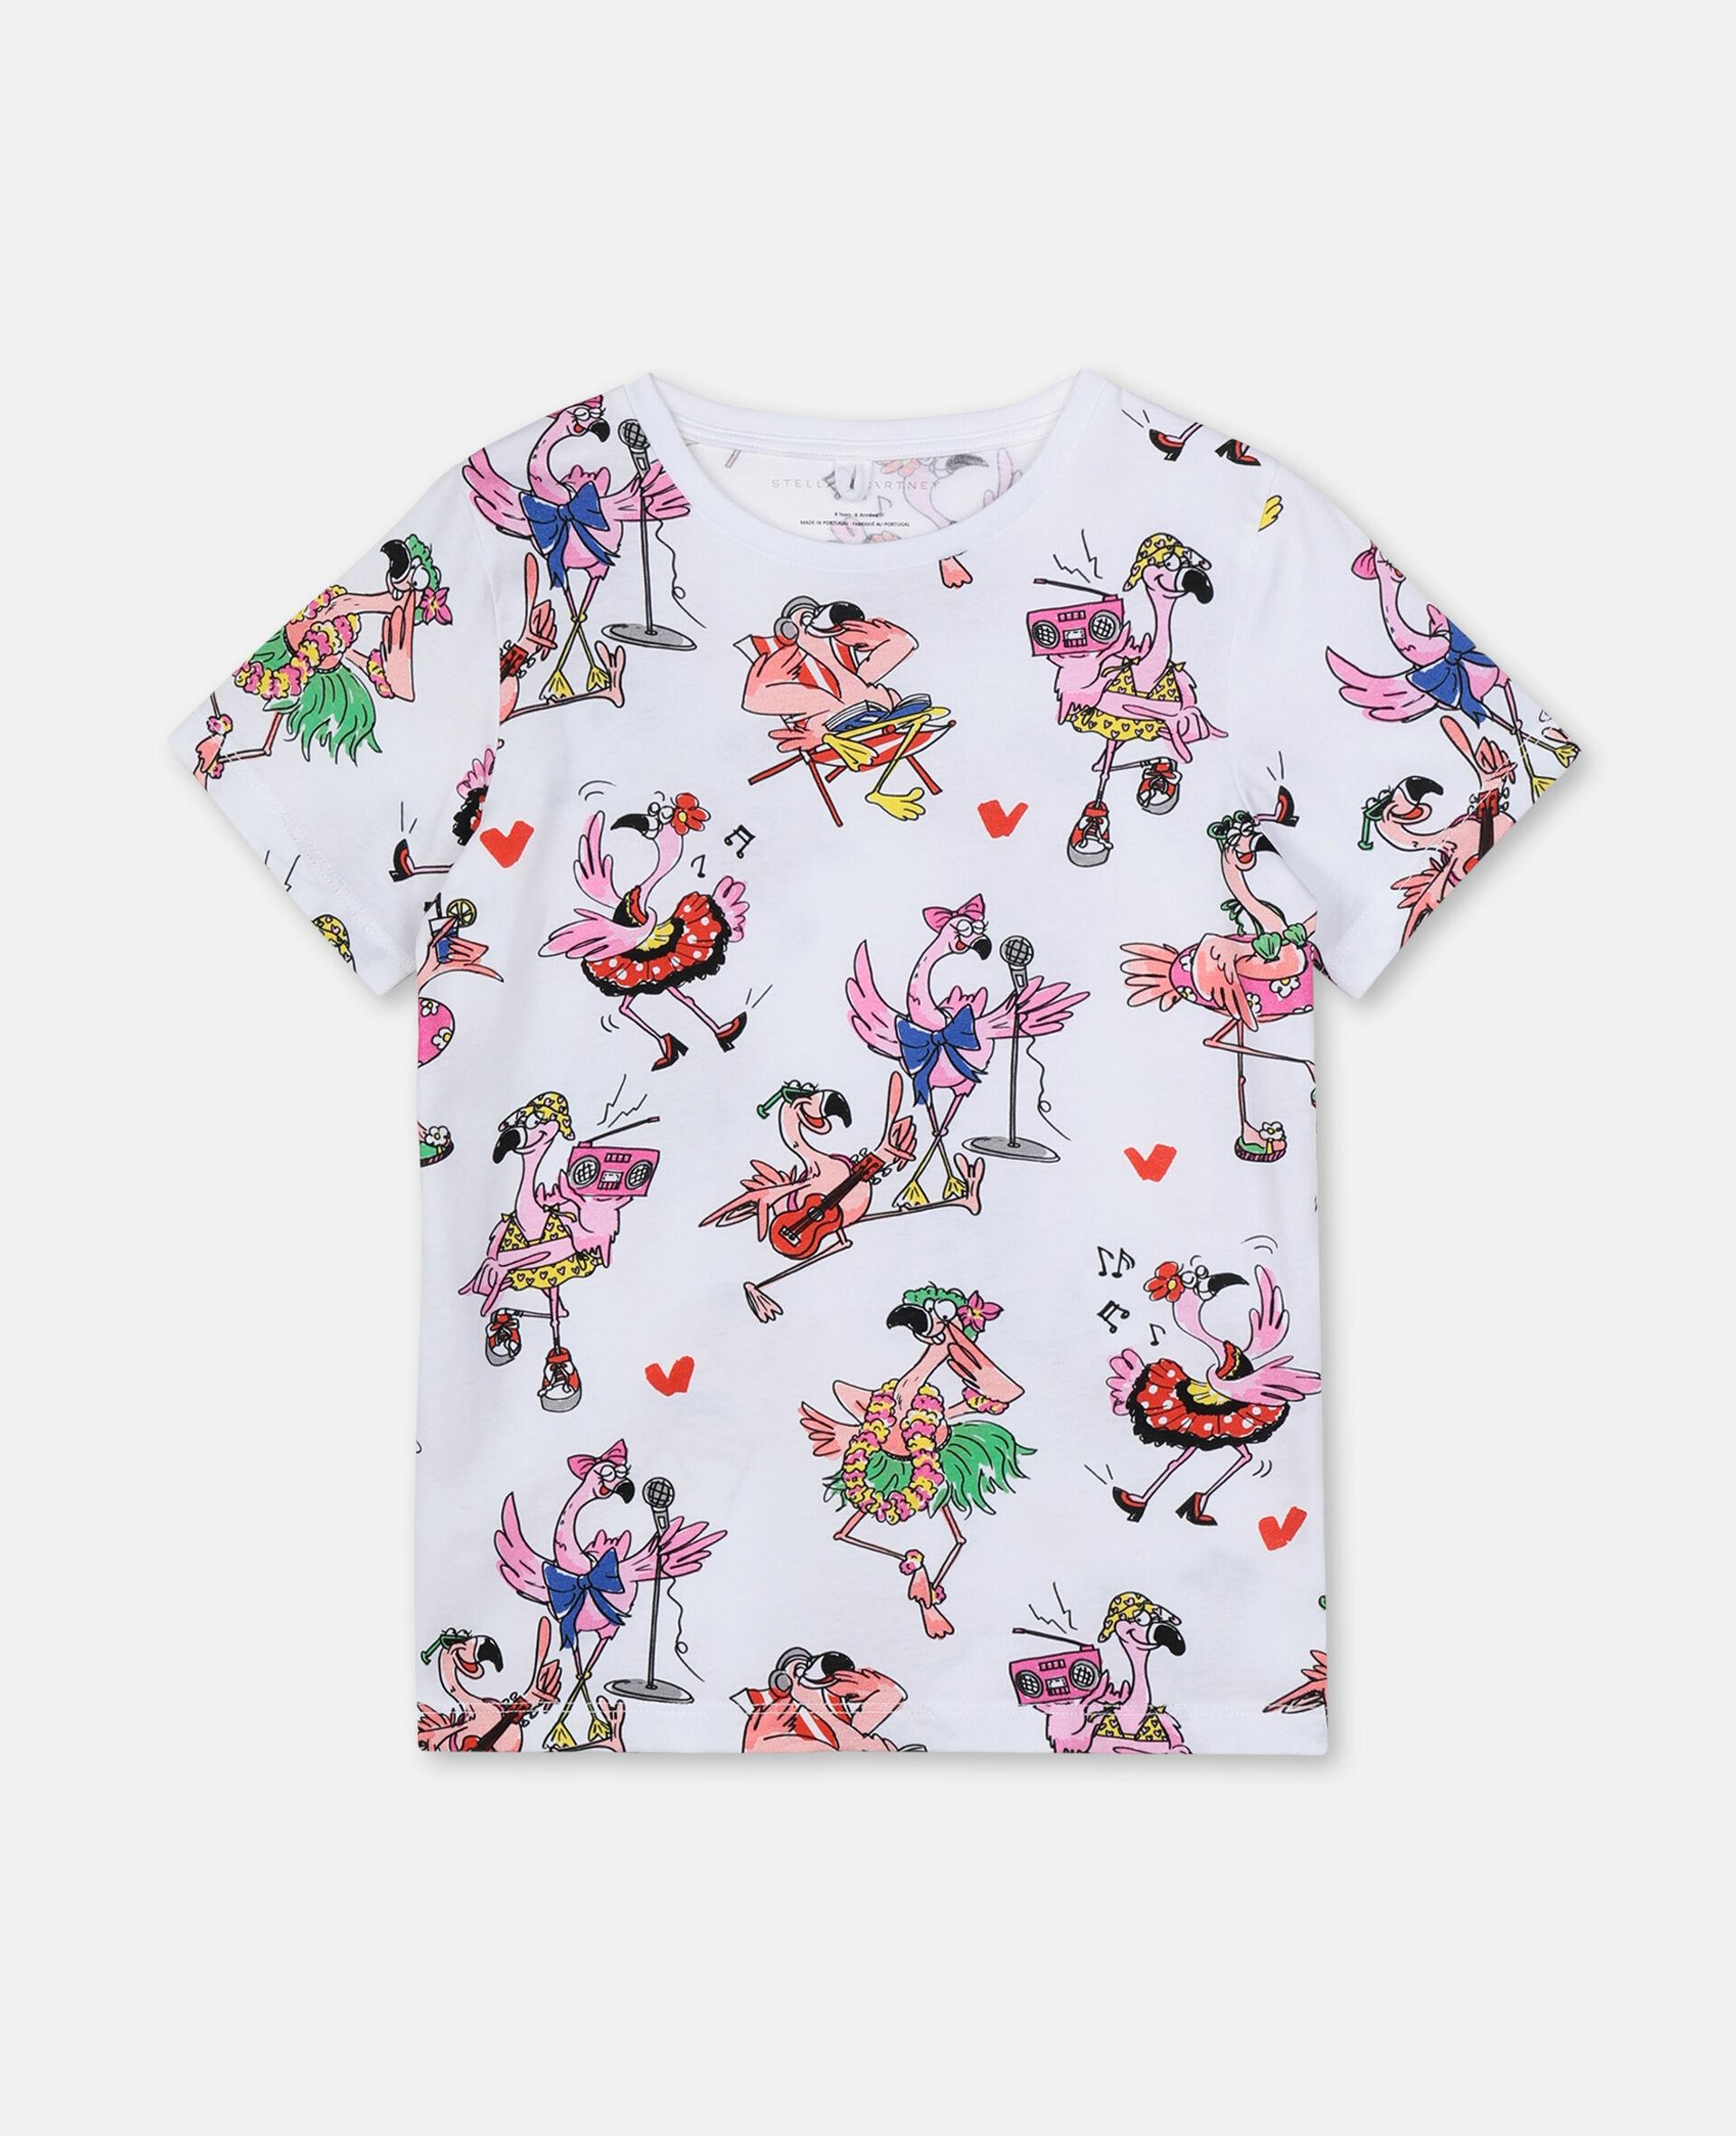 Flamingo Party Cotton T-shirt-Multicolour-large image number 0